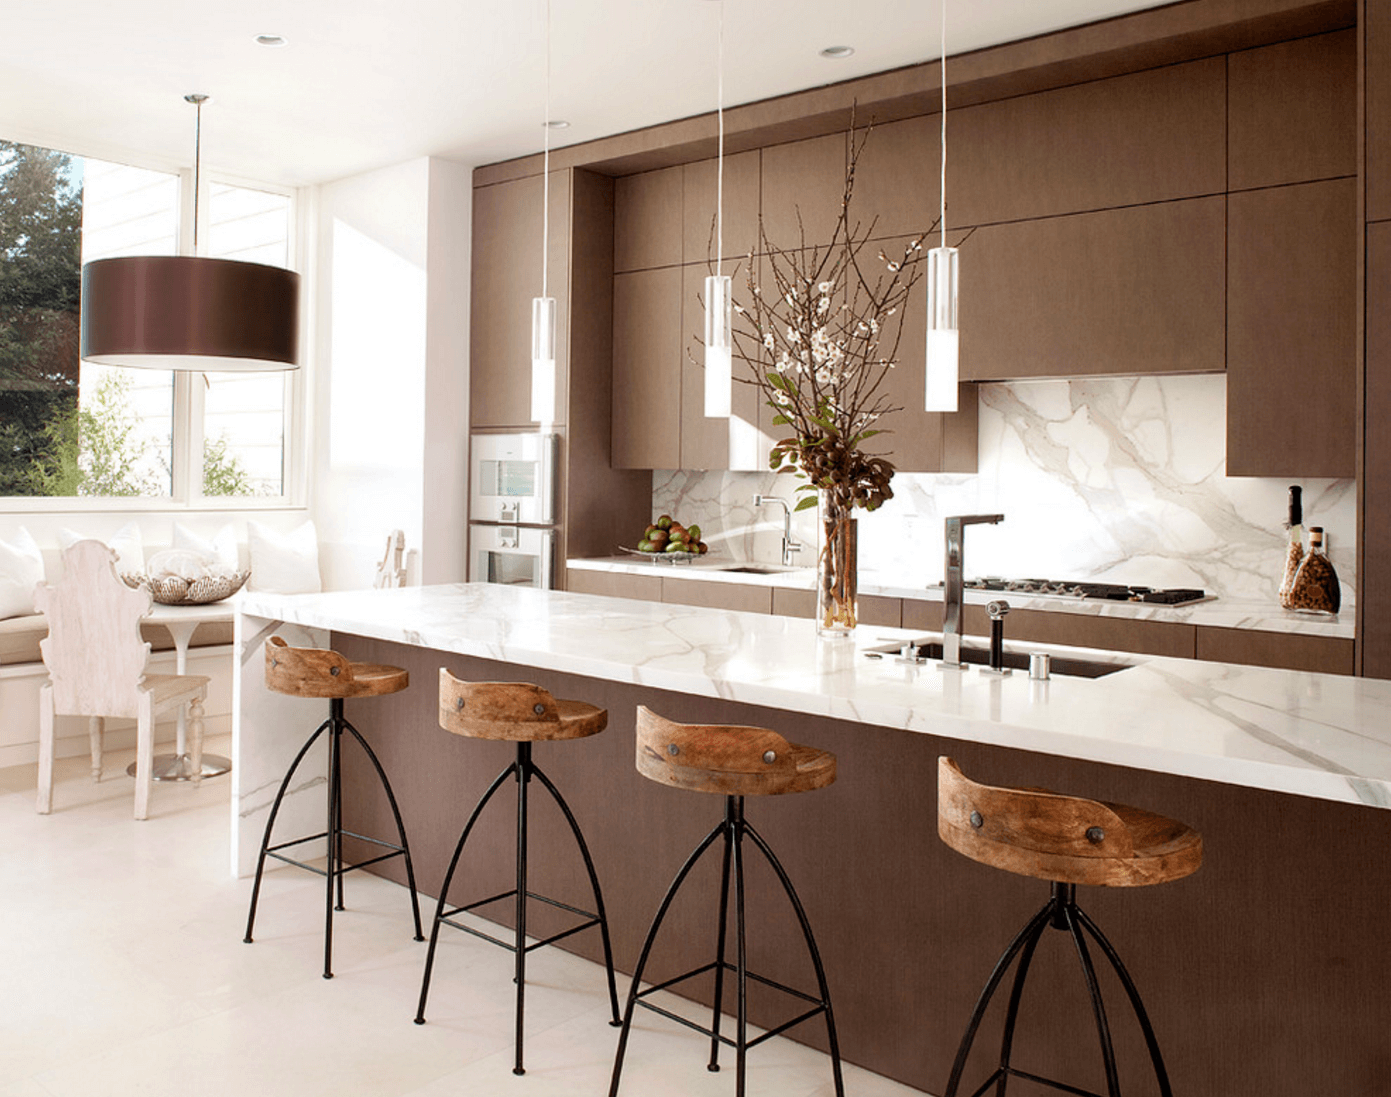 Изменяем освещение кухни: вариант со встроенными лампами